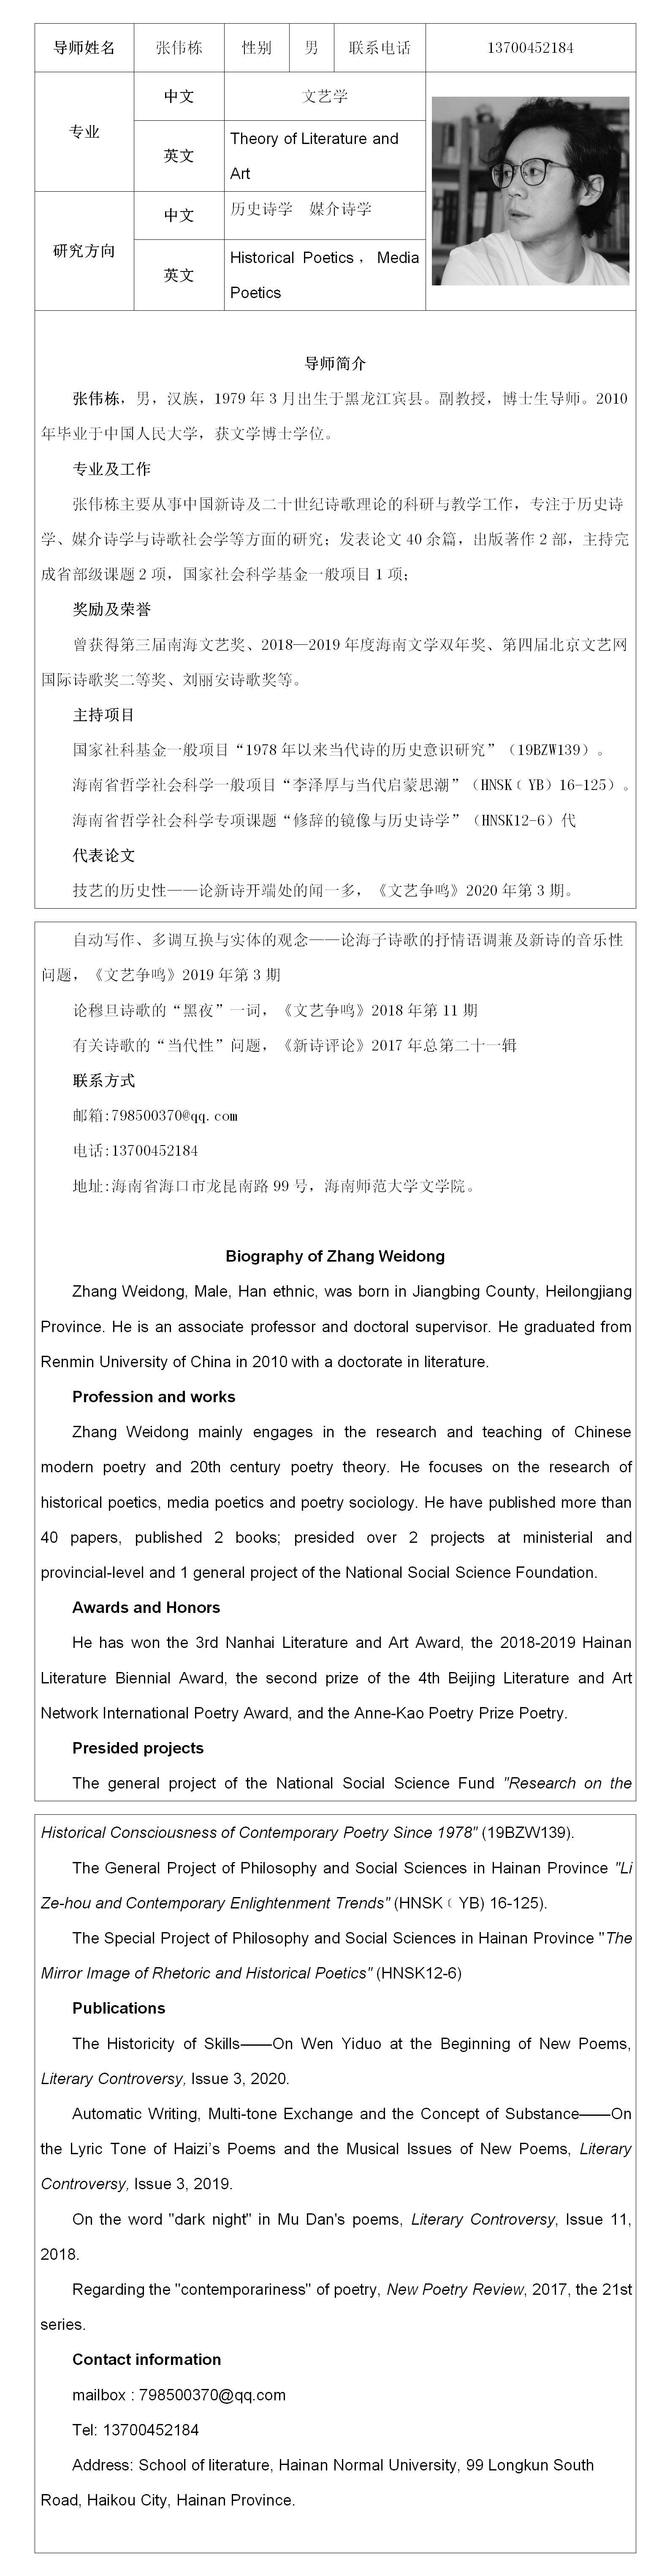 中国语言文学-张伟栋